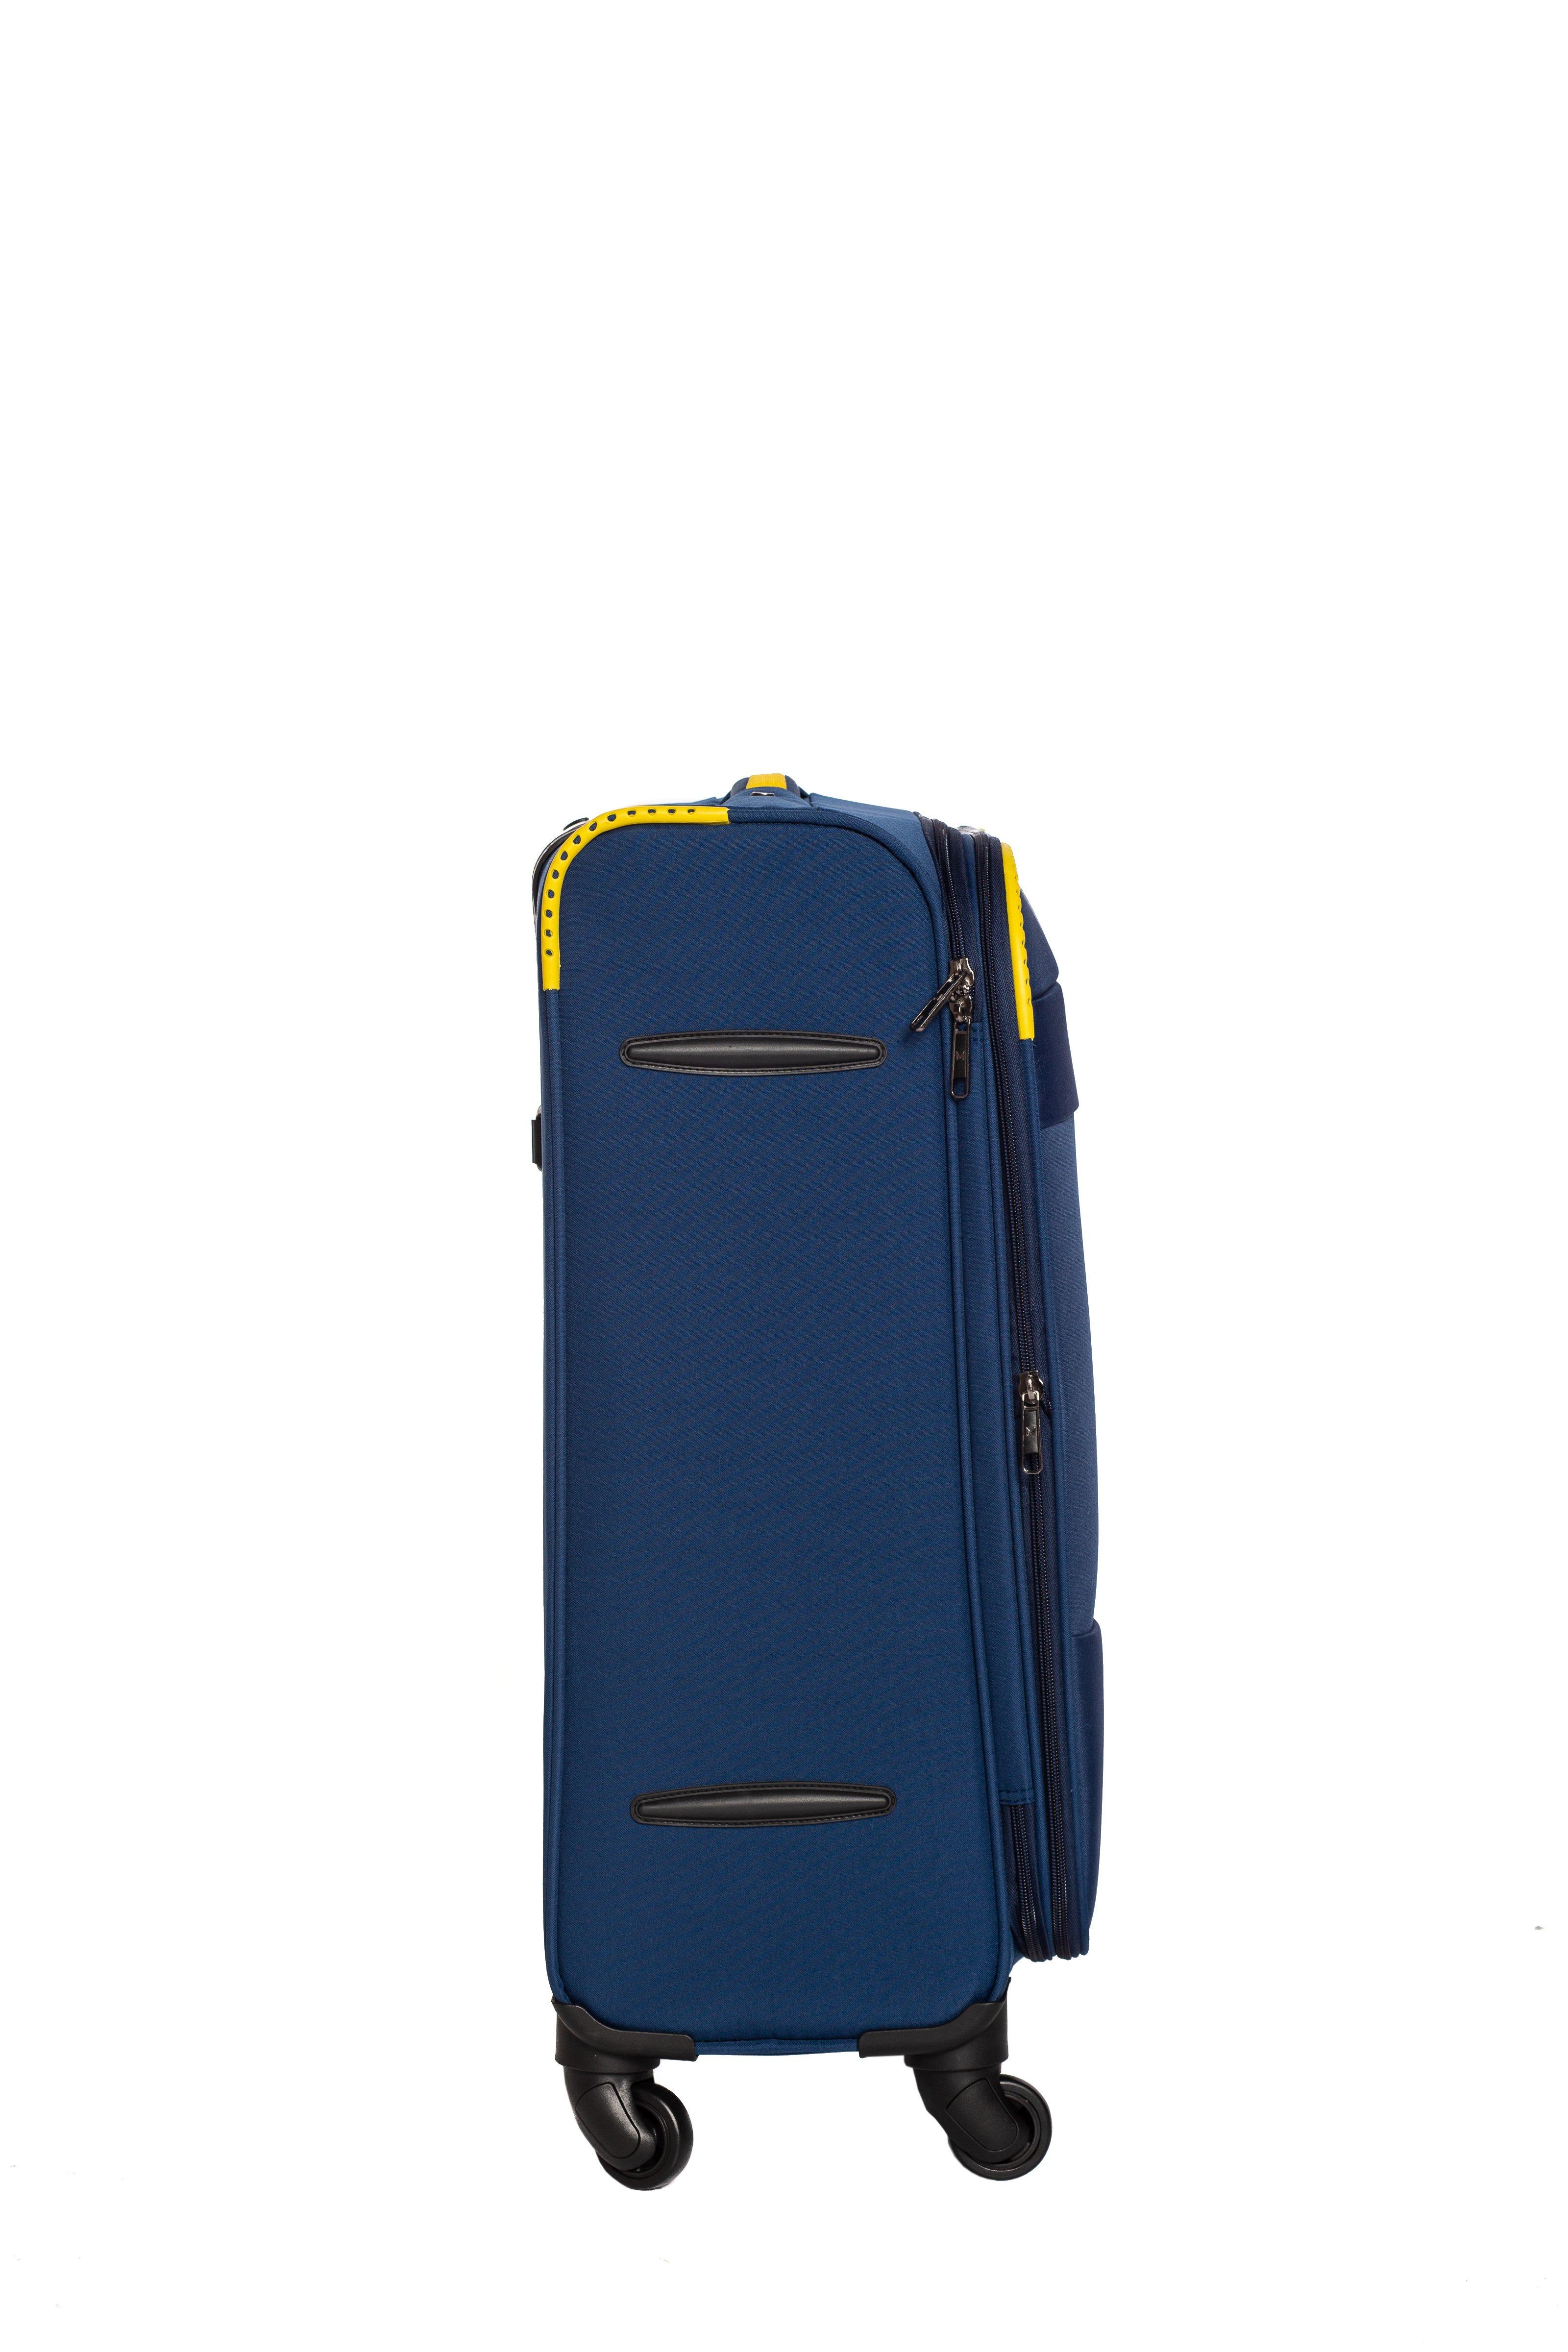 Troler Mirano Cosmo 55 Blue 4